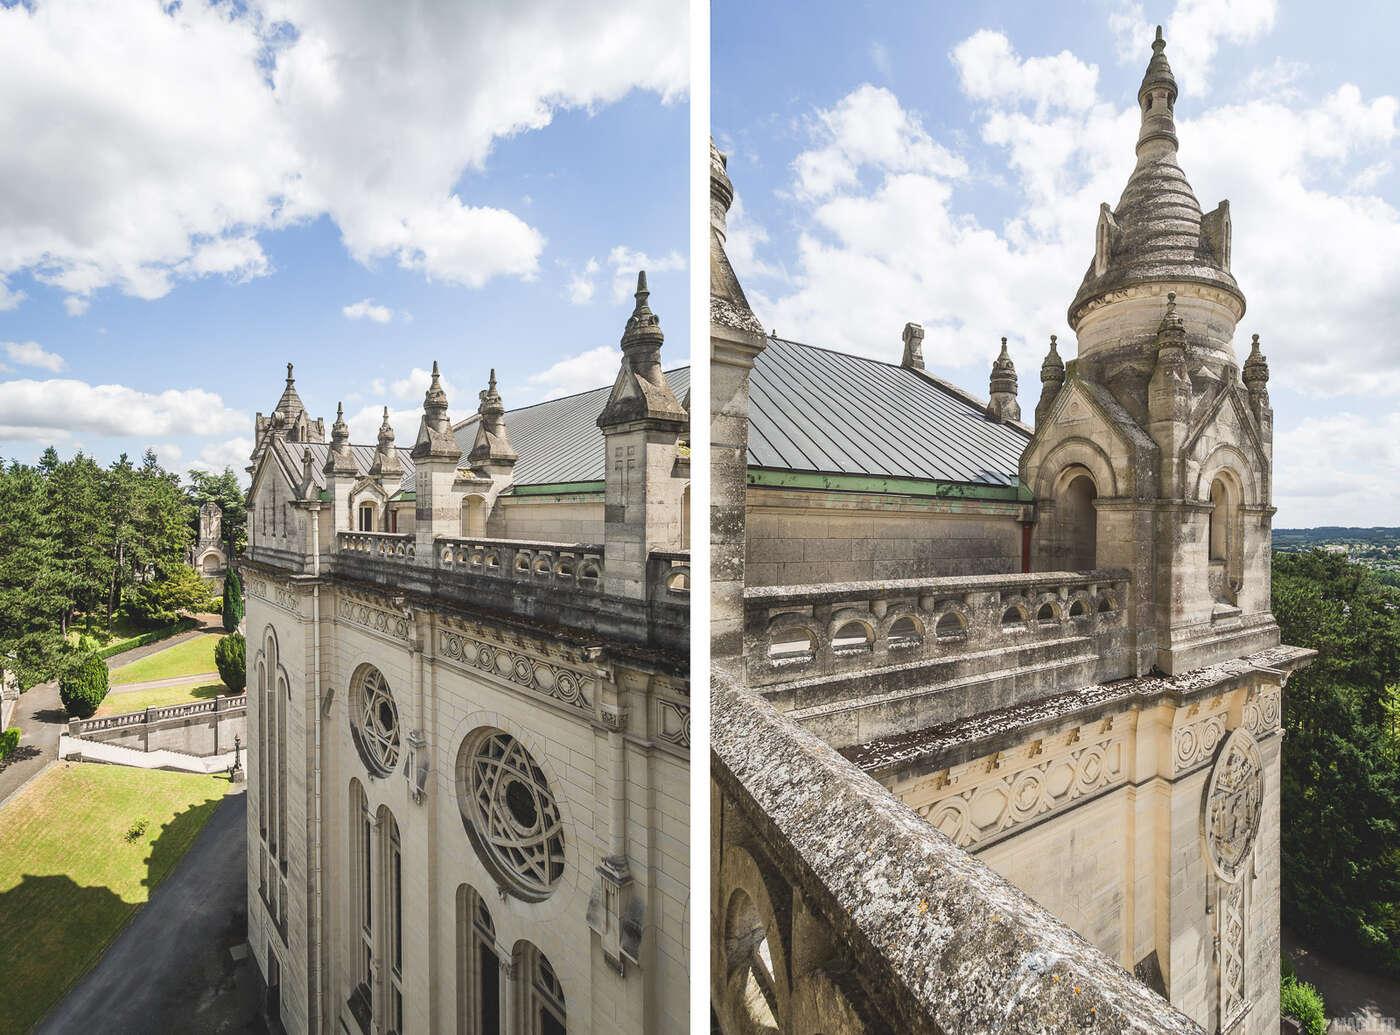 Murs de la Basilique Sainte-Thérèse de Lisieux